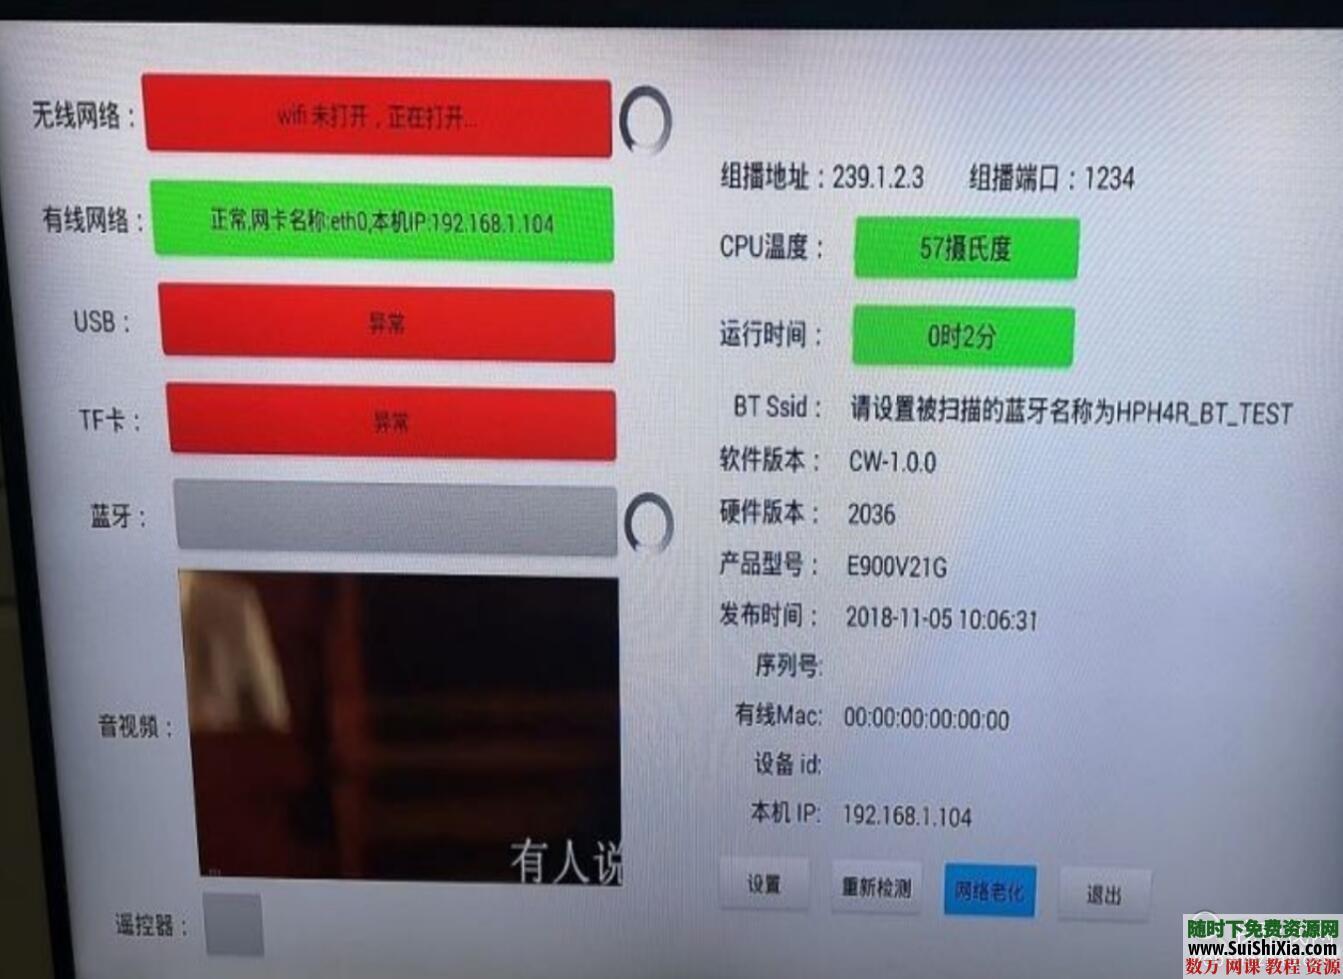 亲测!联通网络机顶盒E900 V21D刷机ROM包破解超级密码救砖教程工具合集 第7张